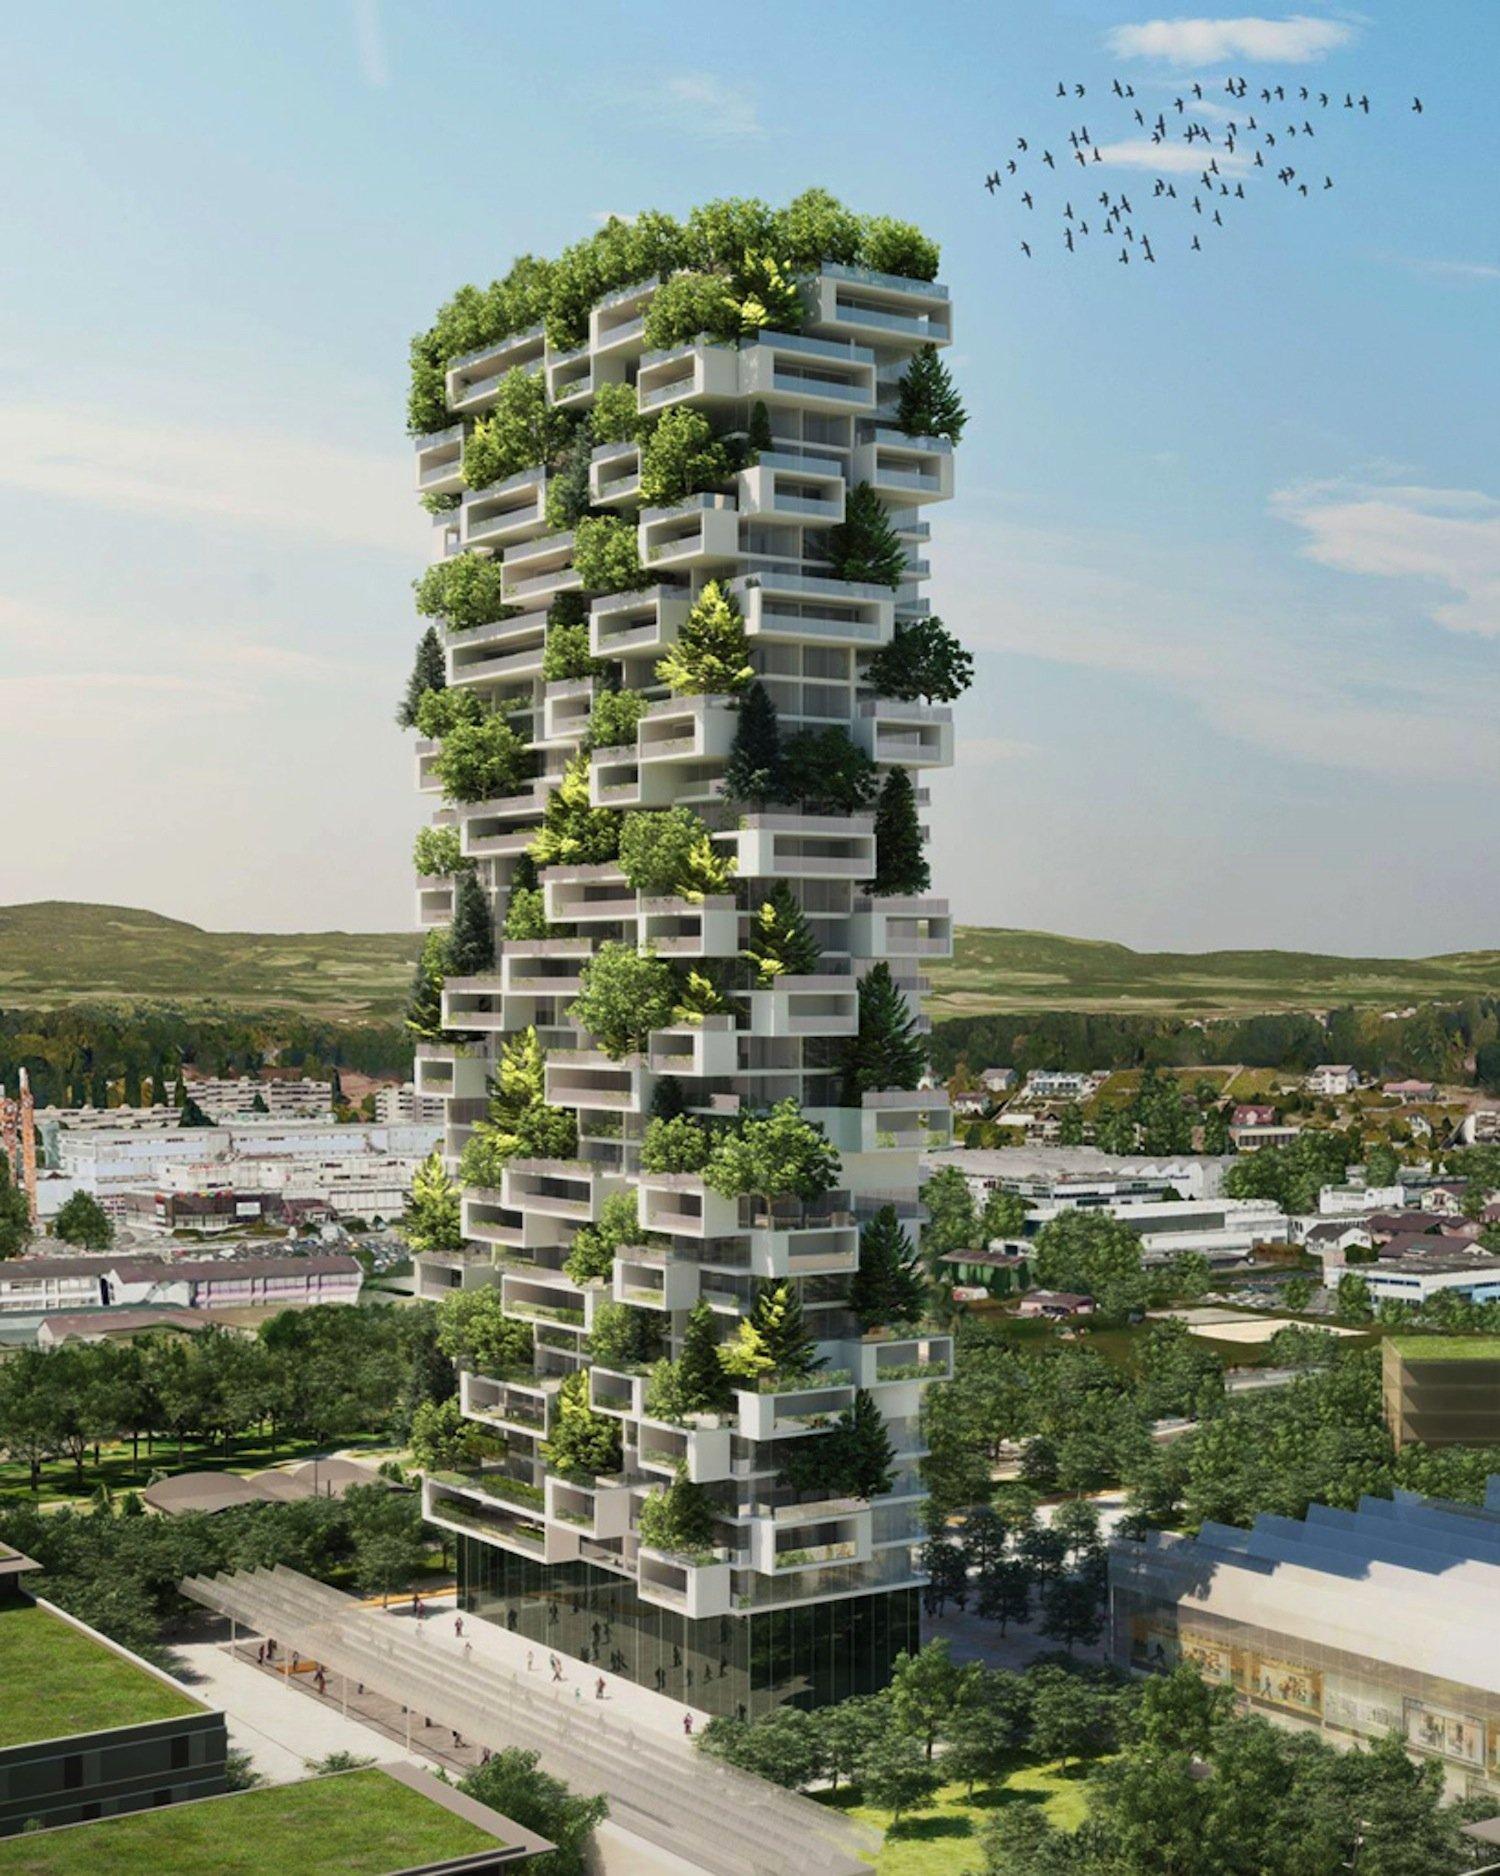 Das grüne Hochhaus von Stefano Boeri in Lausanne ist mit über 100 Bäumen bepflanzt. Auch dem Dach befindet sich ein Panorama-Restaurant mit Blick auf den Genfer See. Der Bau hat gerade begonnen.